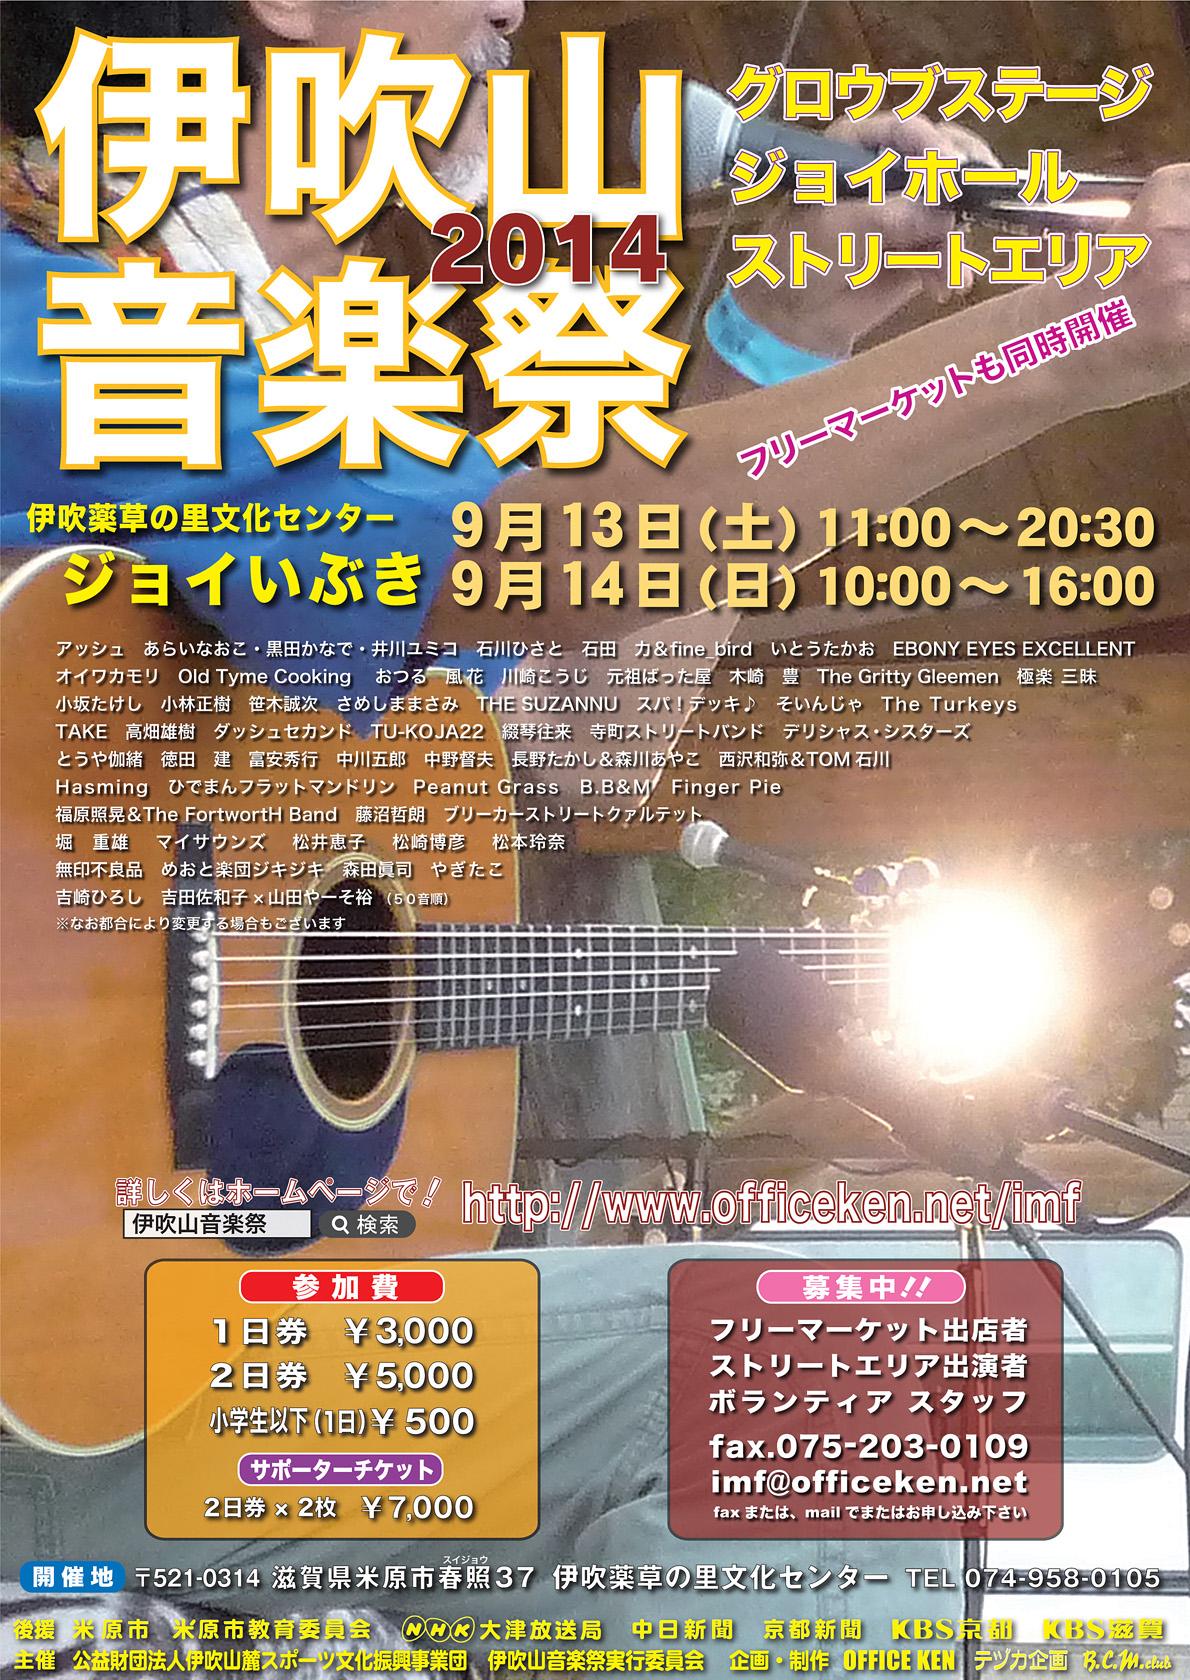 伊吹山音楽祭2014